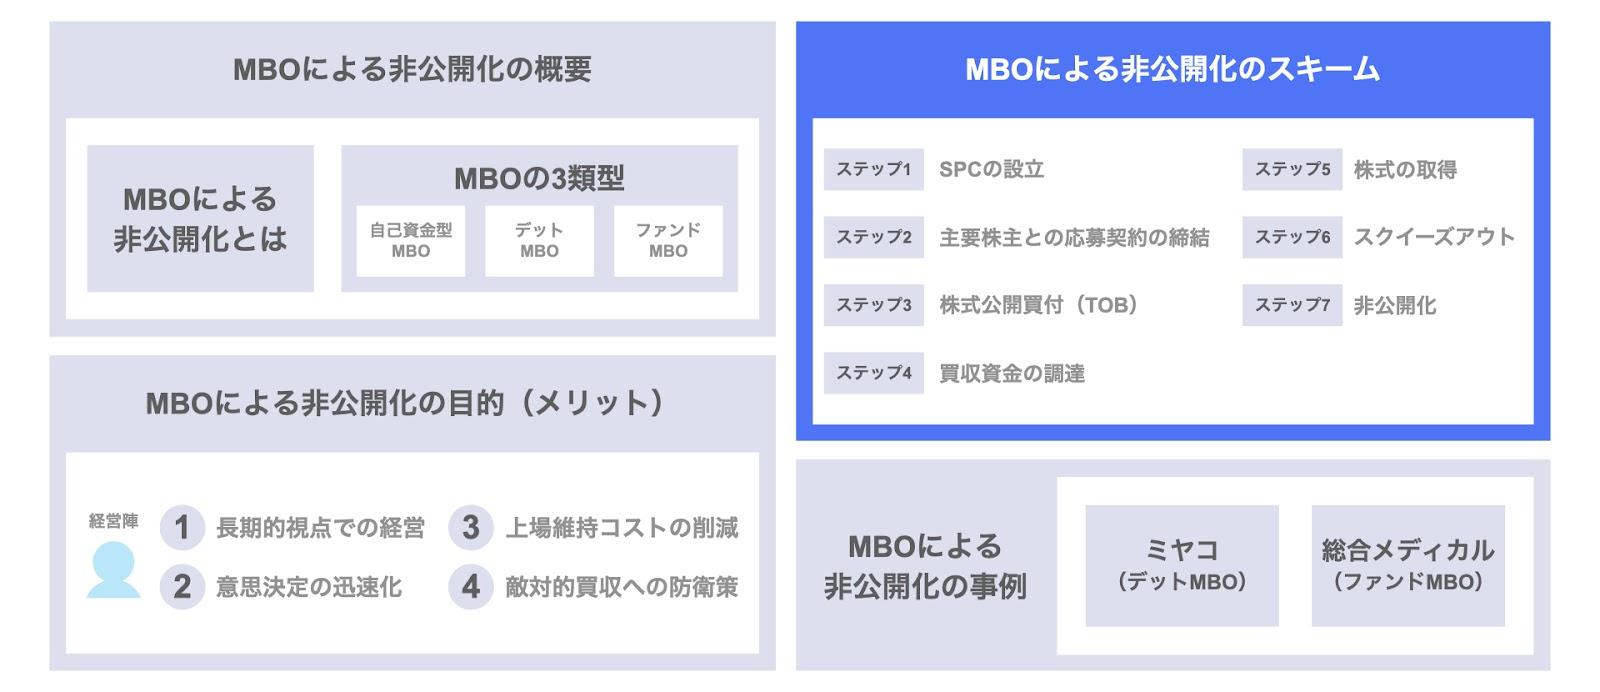 MBOによる非公開化のスキーム